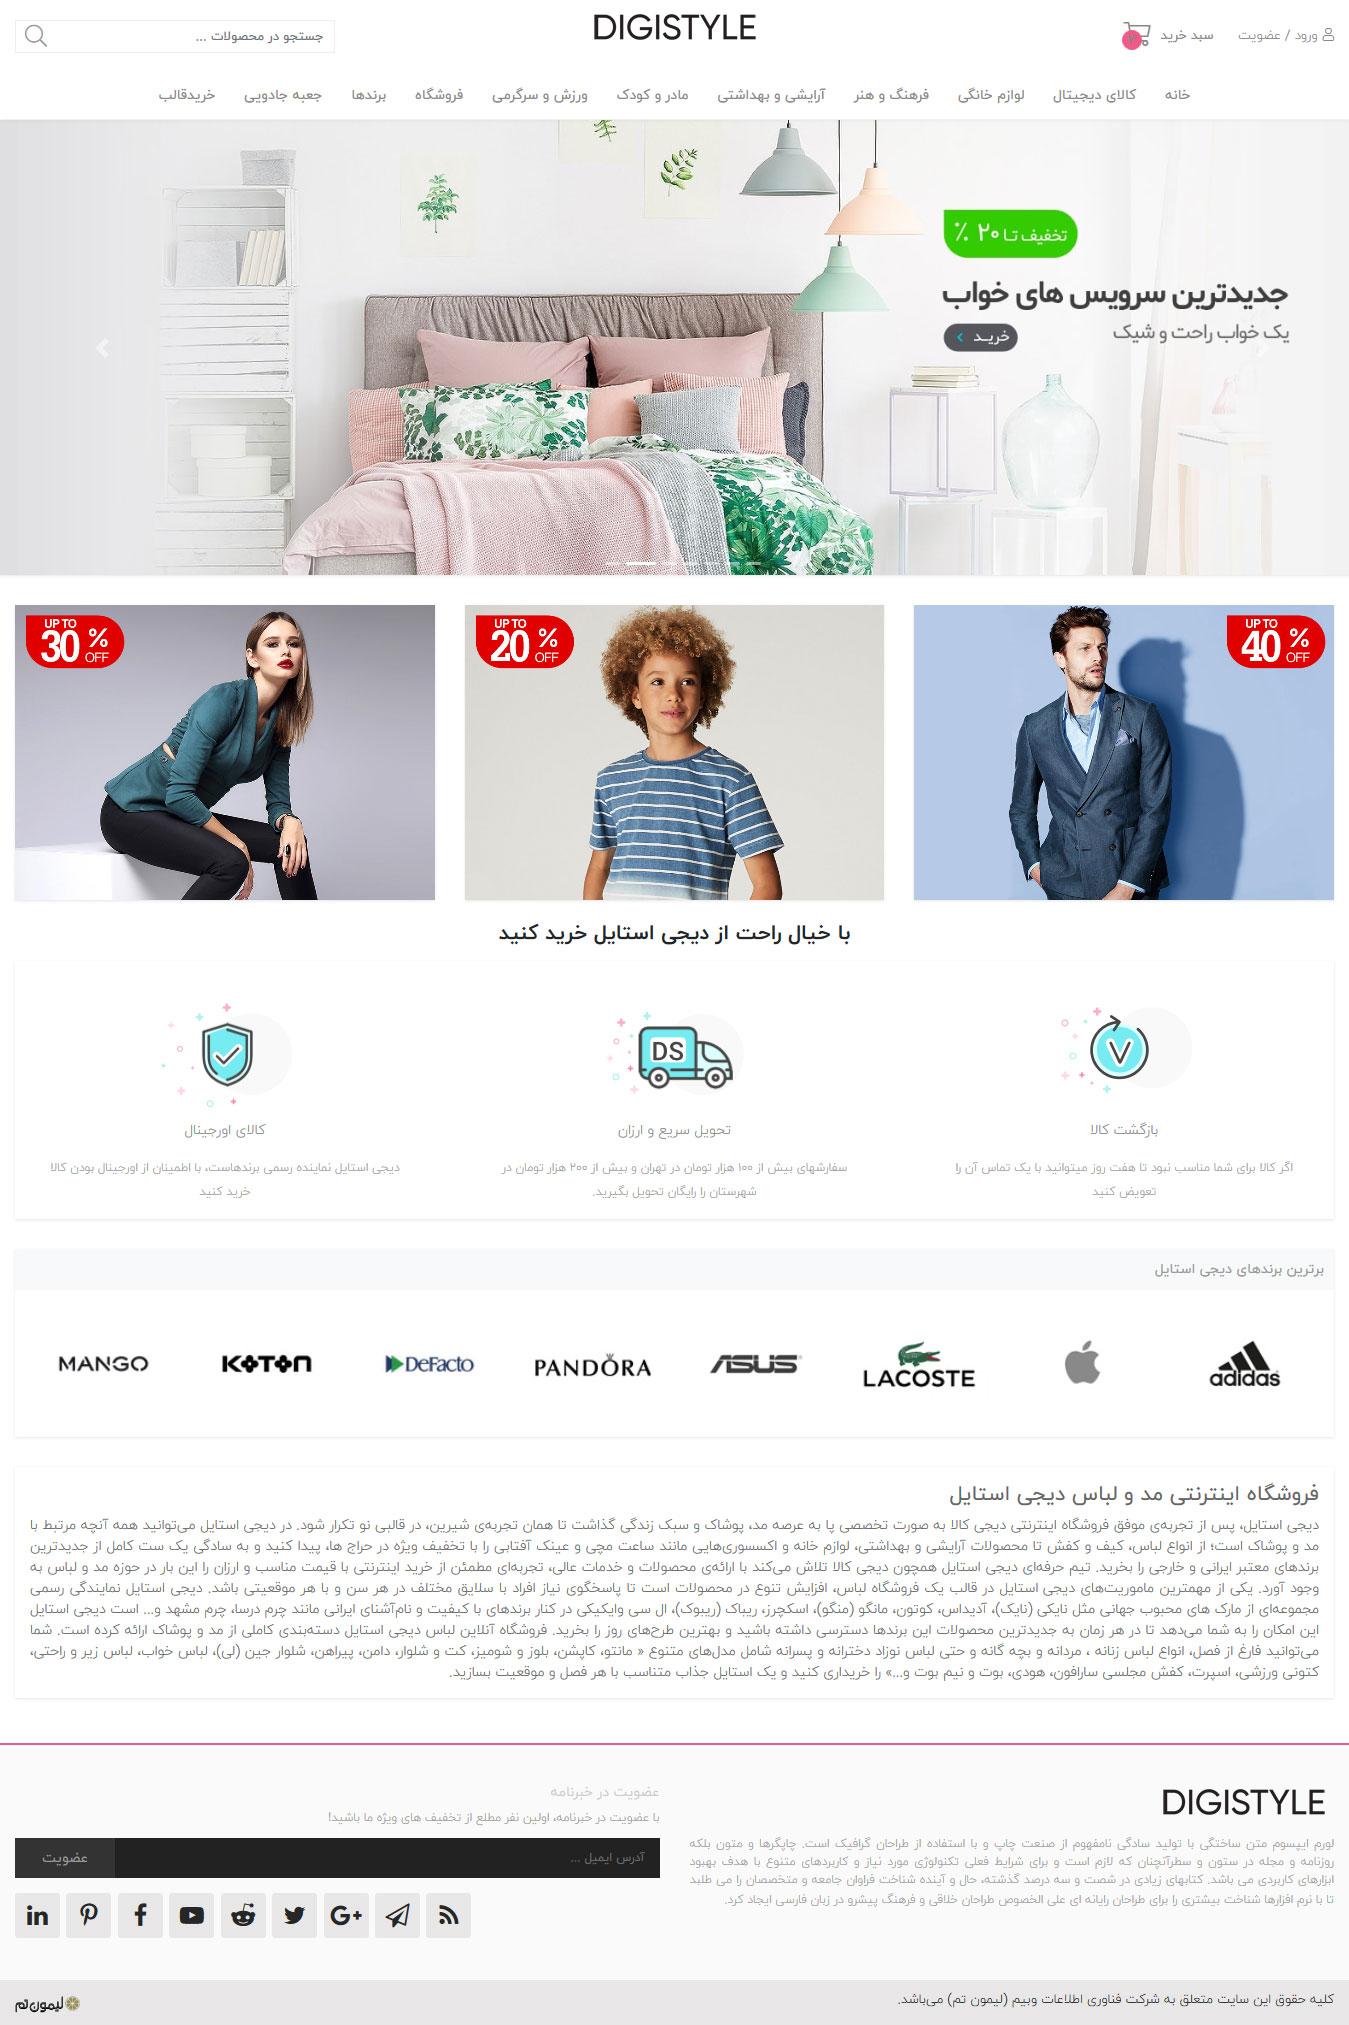 نمونه کار طراحی وب سایت فروشگاهی 4 - مشابه دیجی استایل